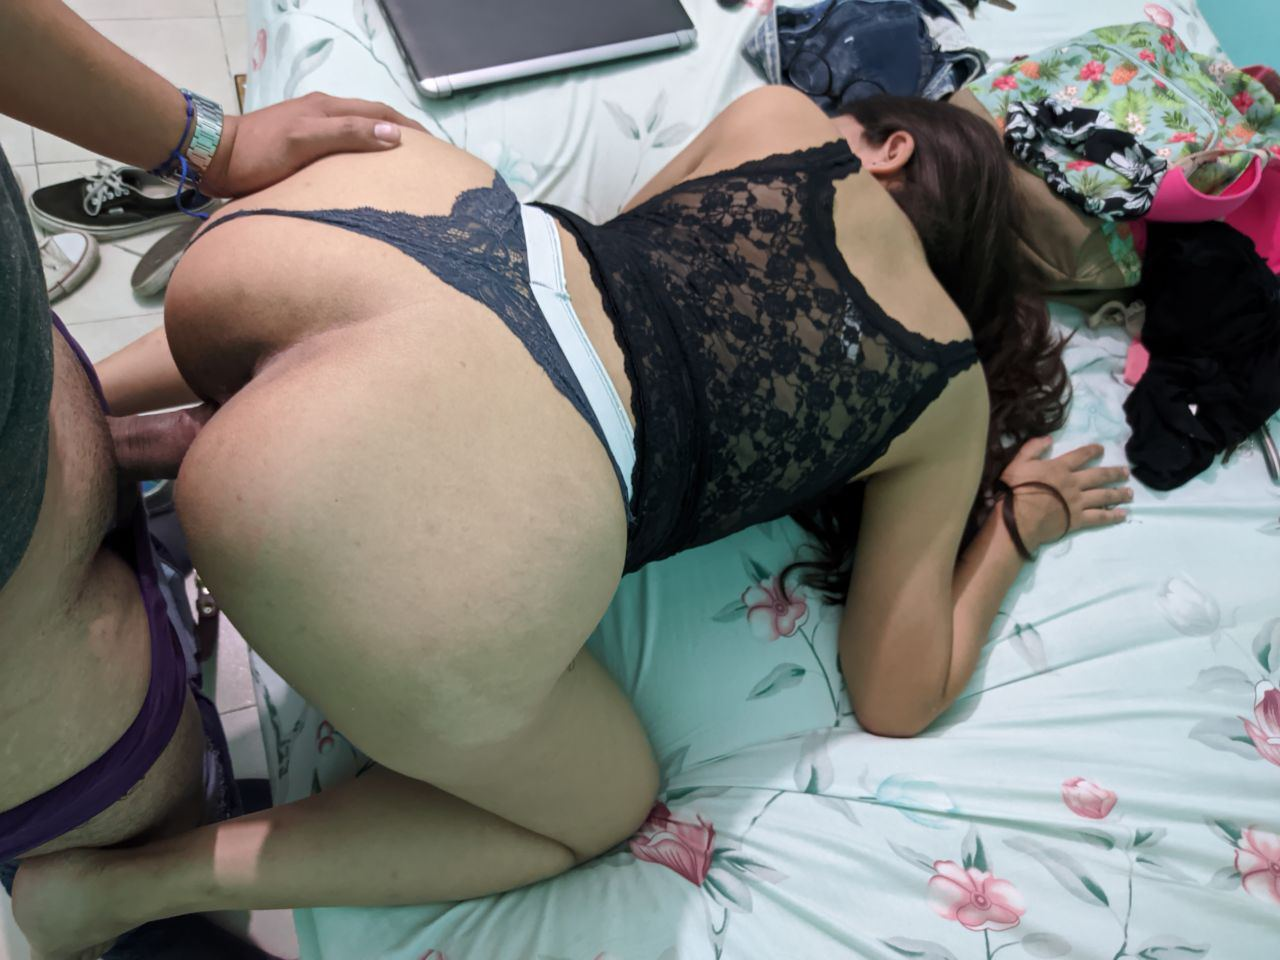 fotos esposas putas, fotos de porno caseras esposas desnudas calientes